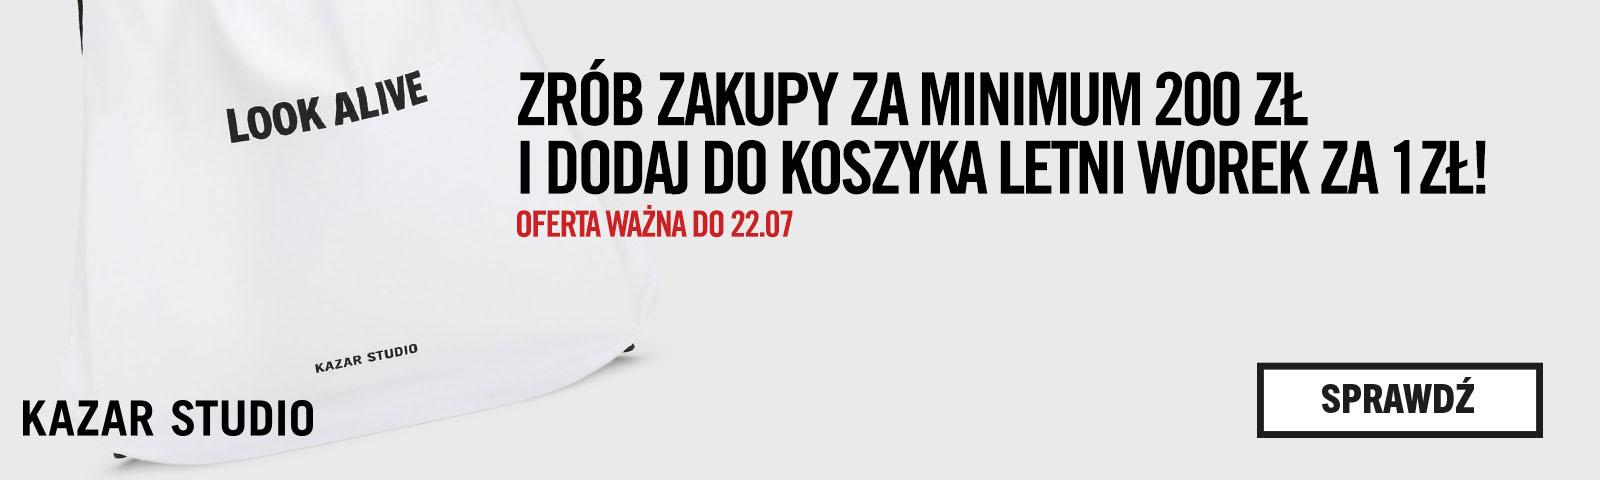 Kazar Studio kupony rabatowe